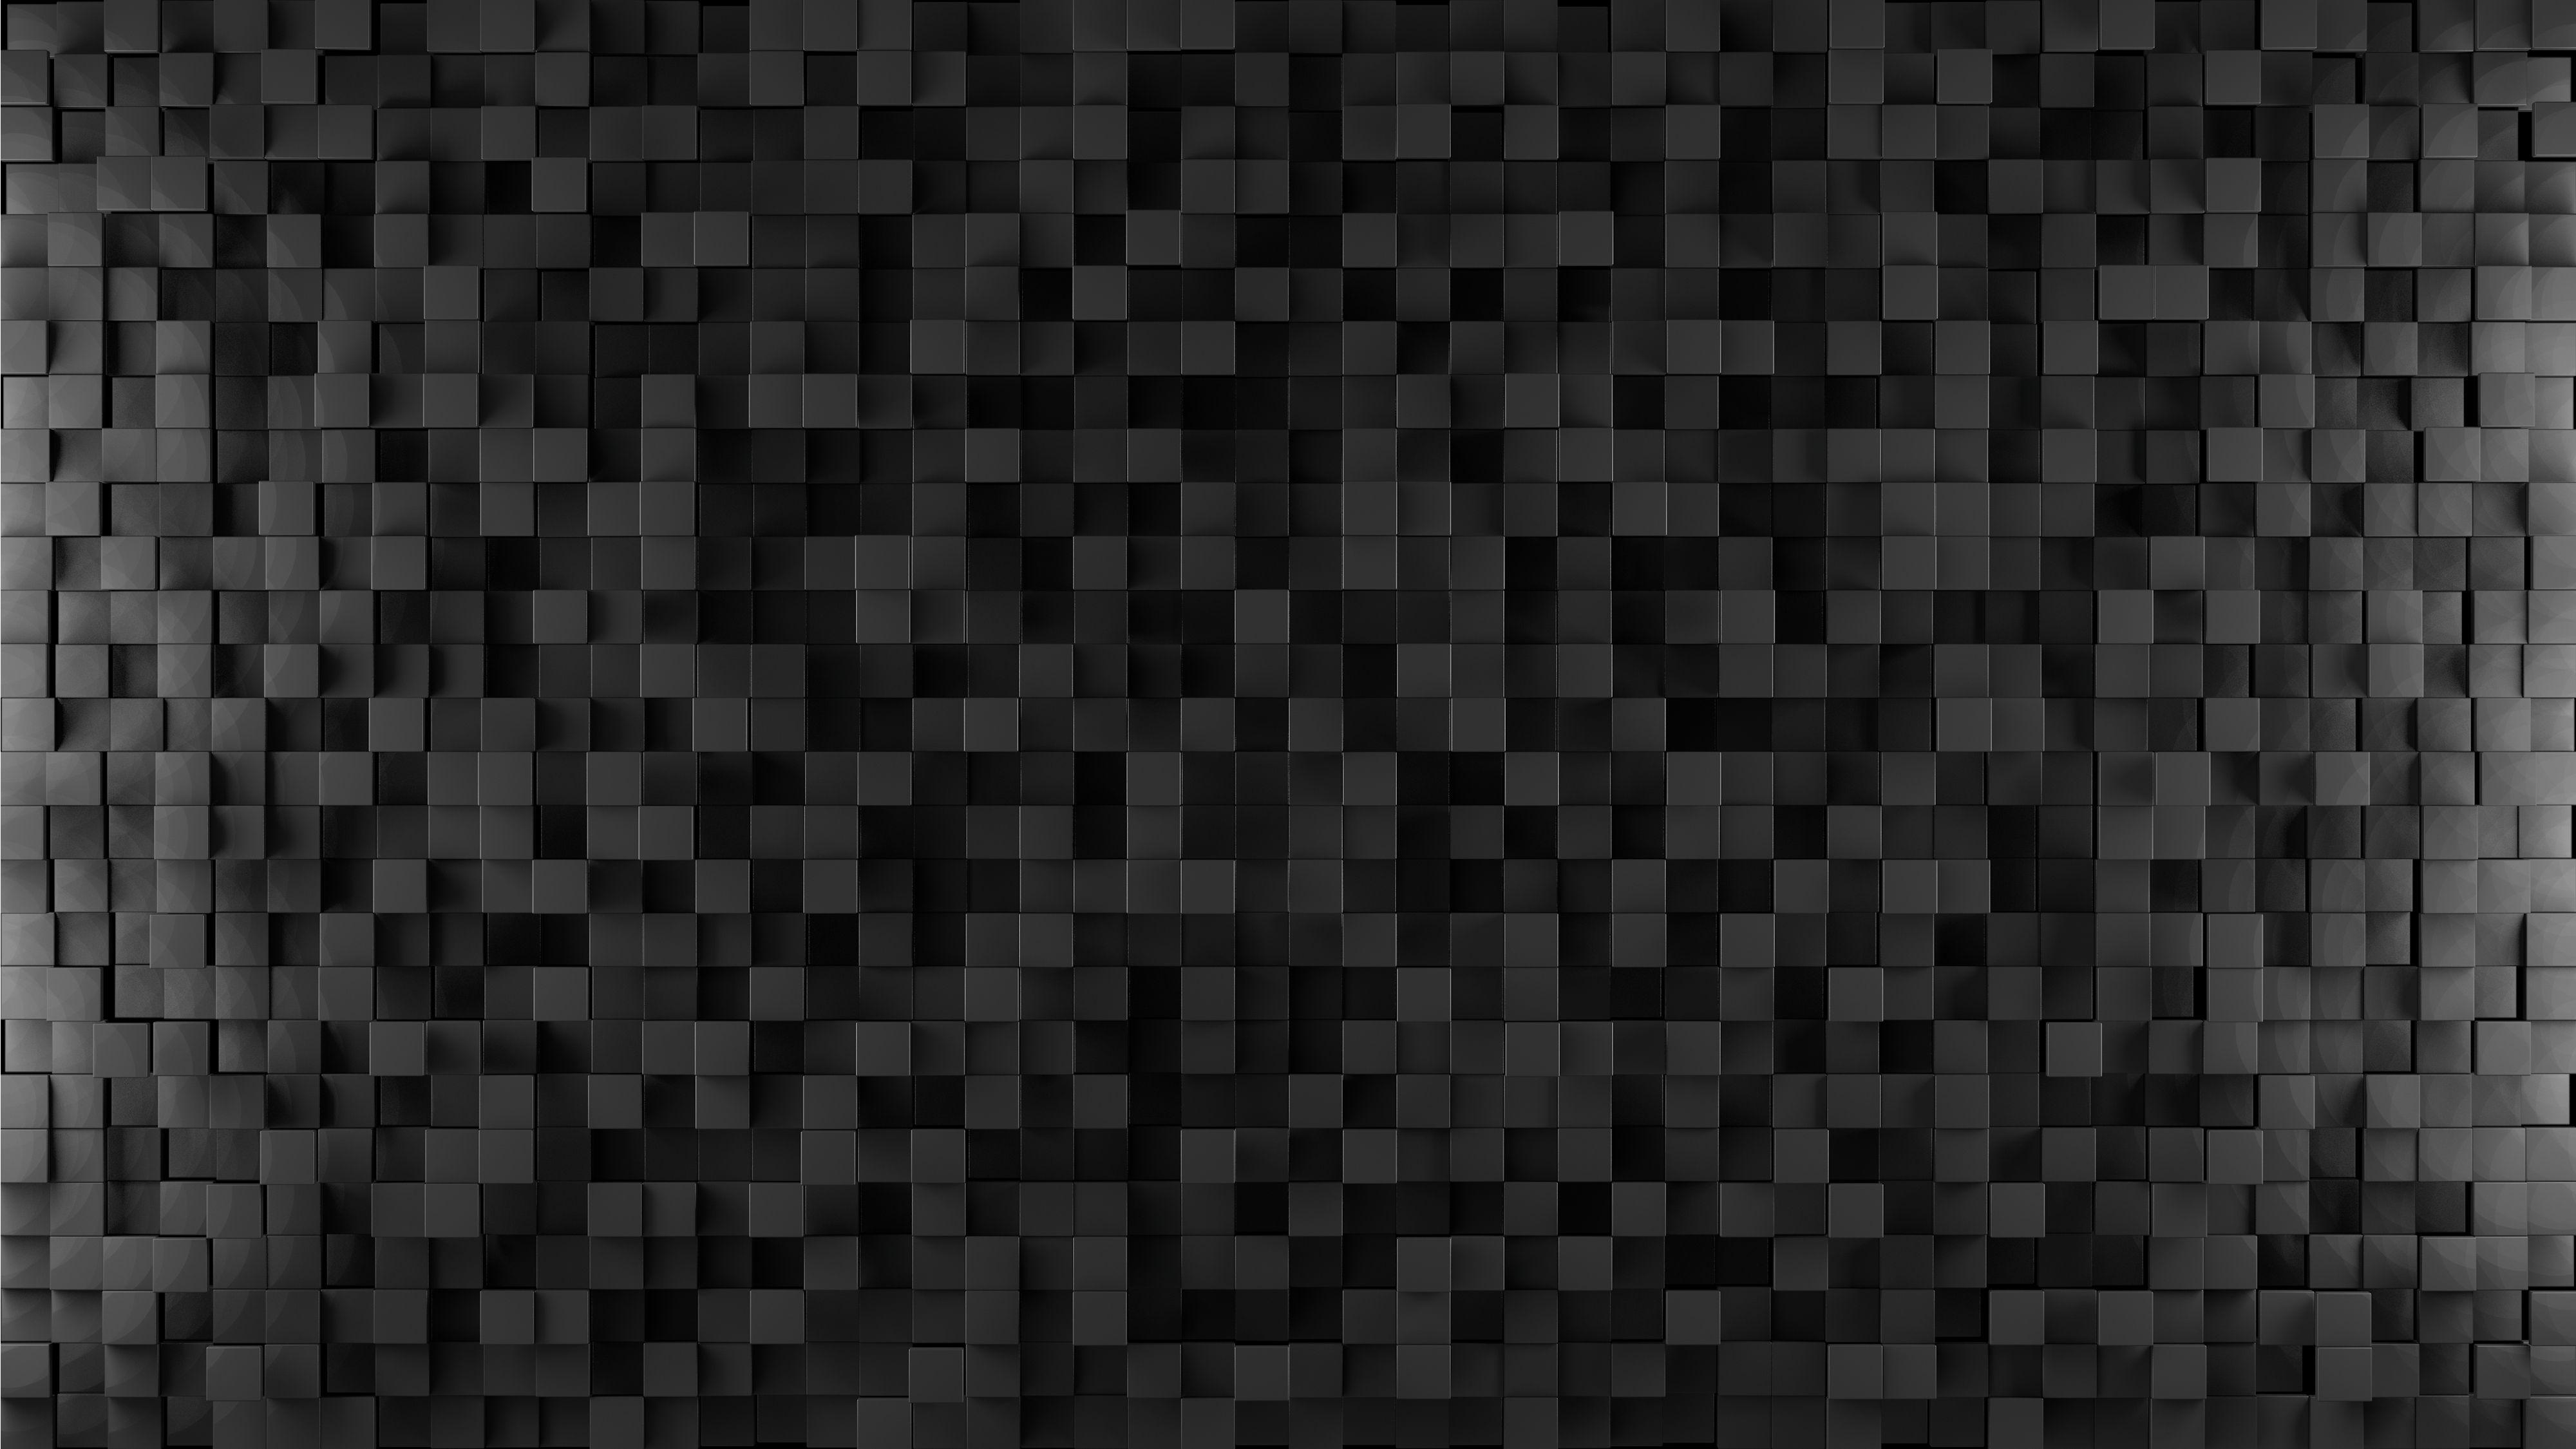 Matrix Dark Cubes Textured Background Matrix Dark